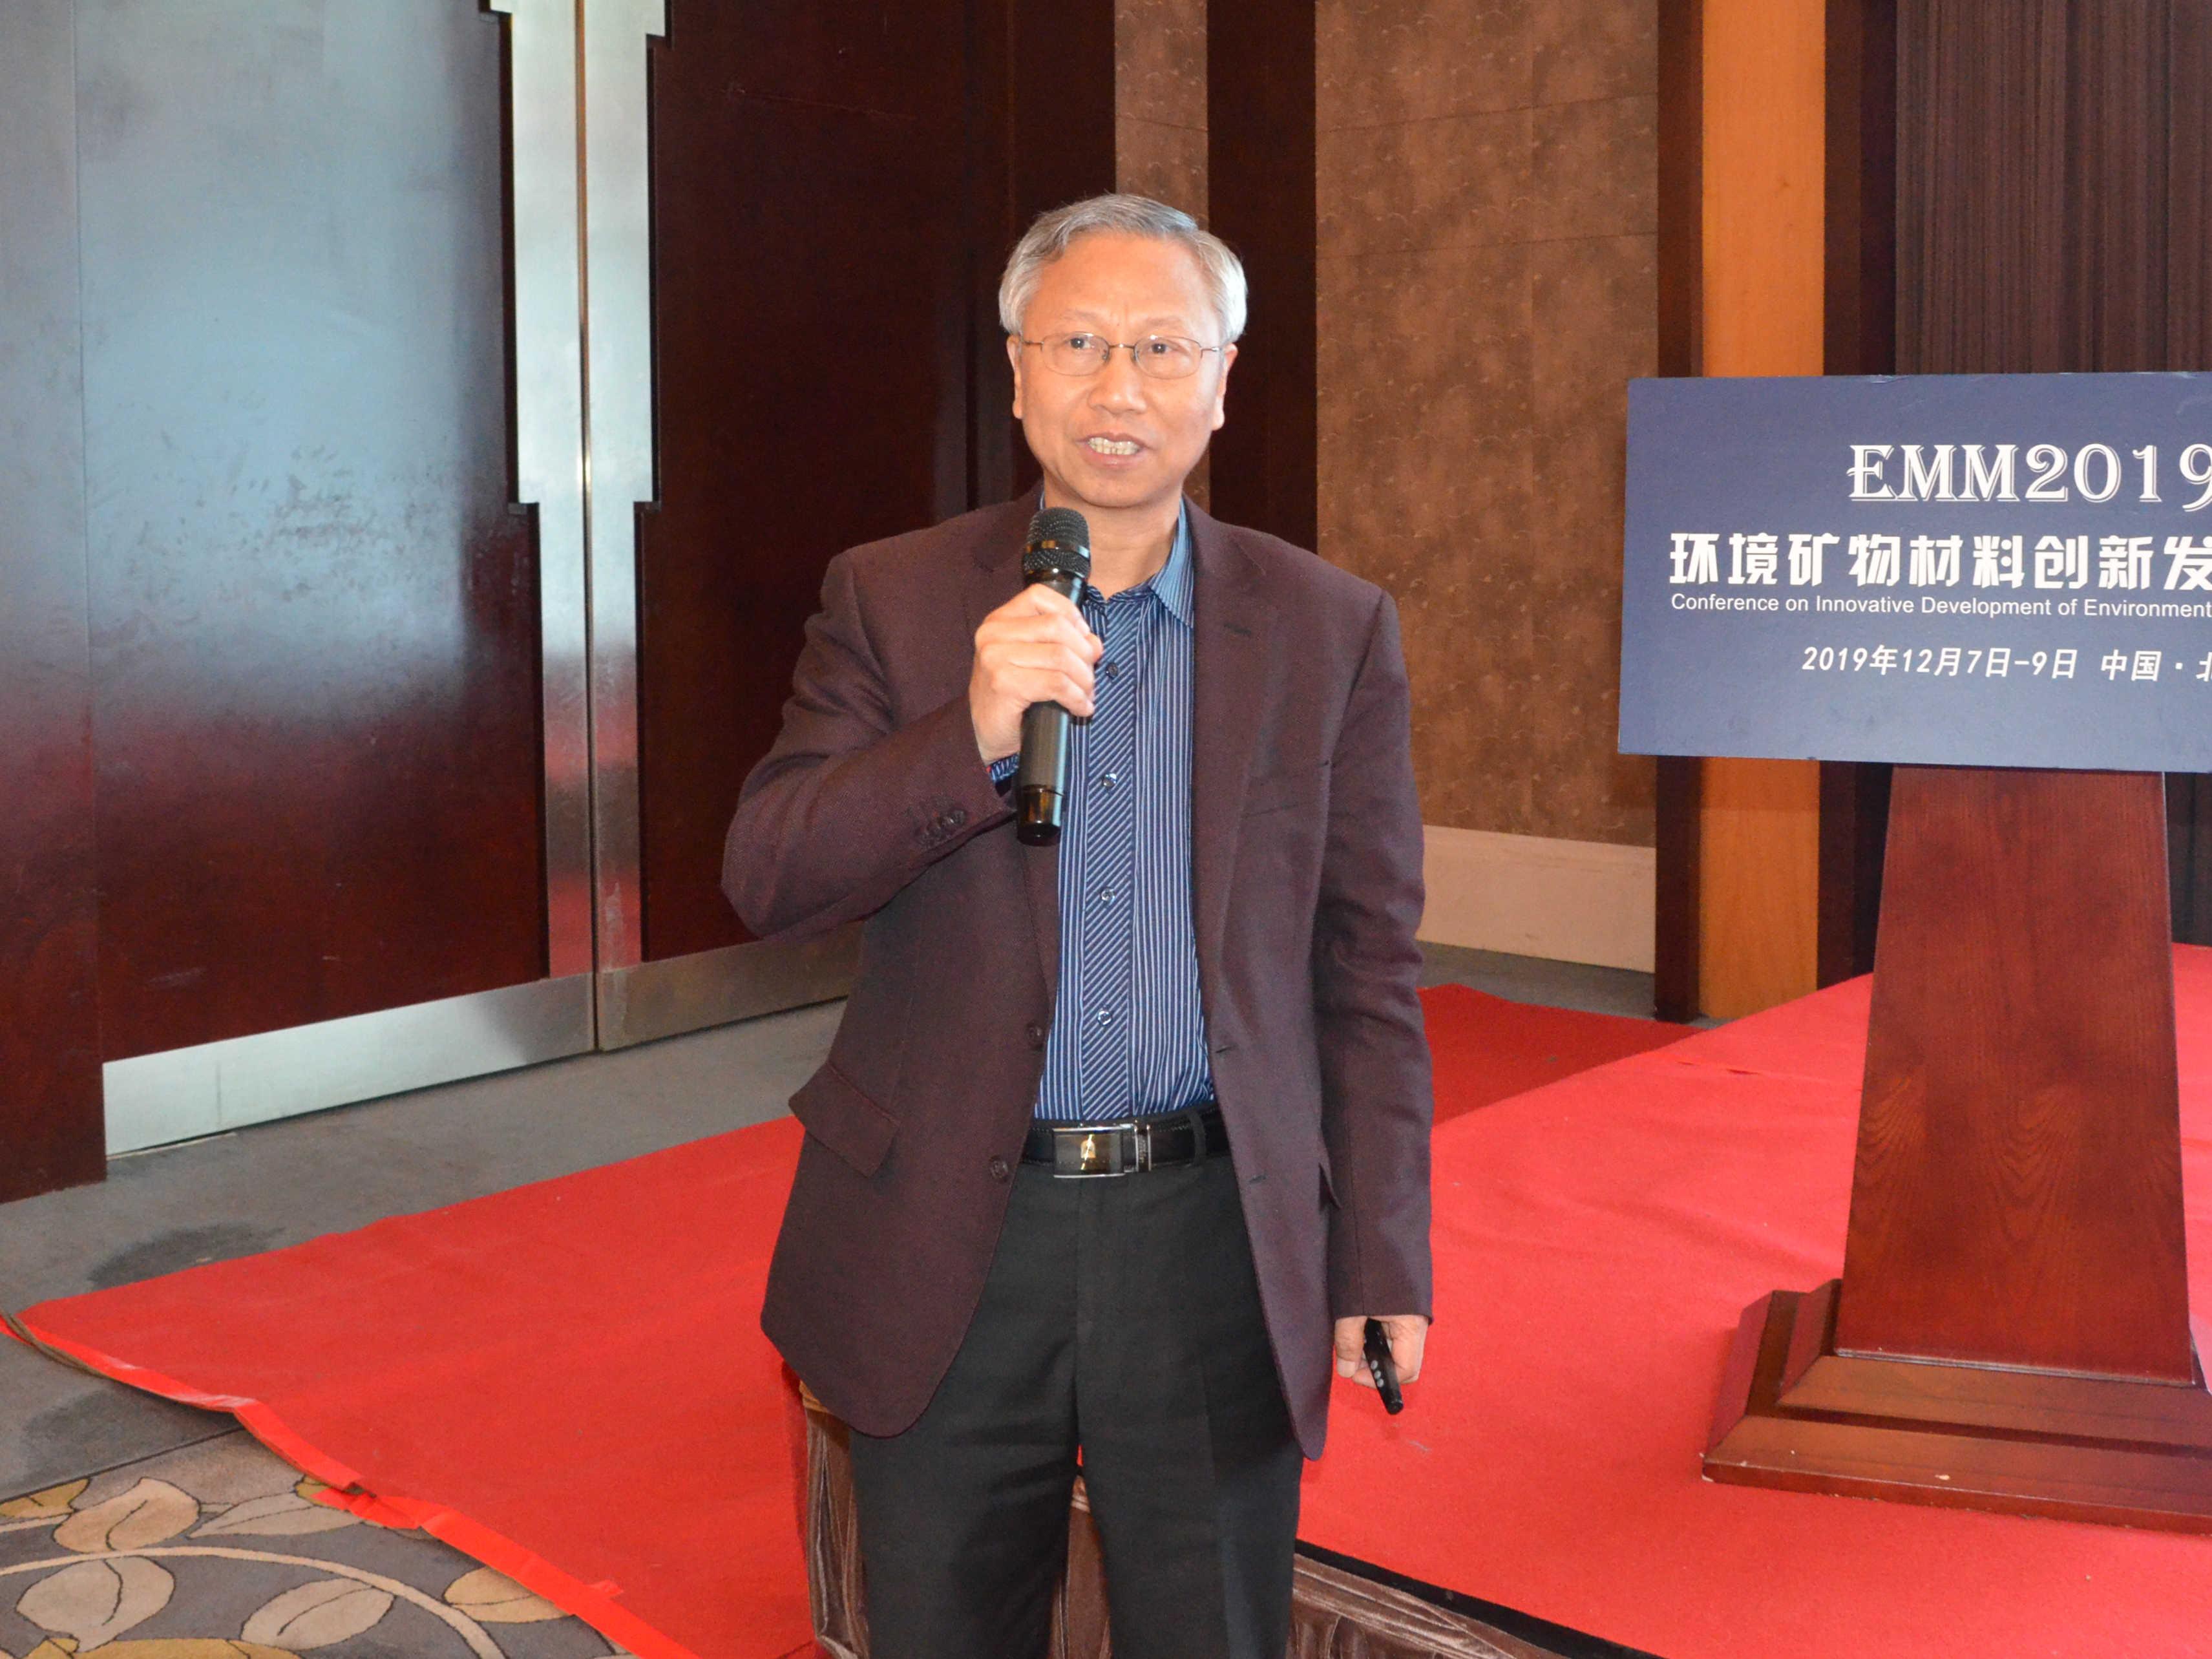 中国矿业大学(北京)教授郑水林作《纳米TiO2硅藻土复合光催化材料—从制备与应用基础研究到产业化》专题报告